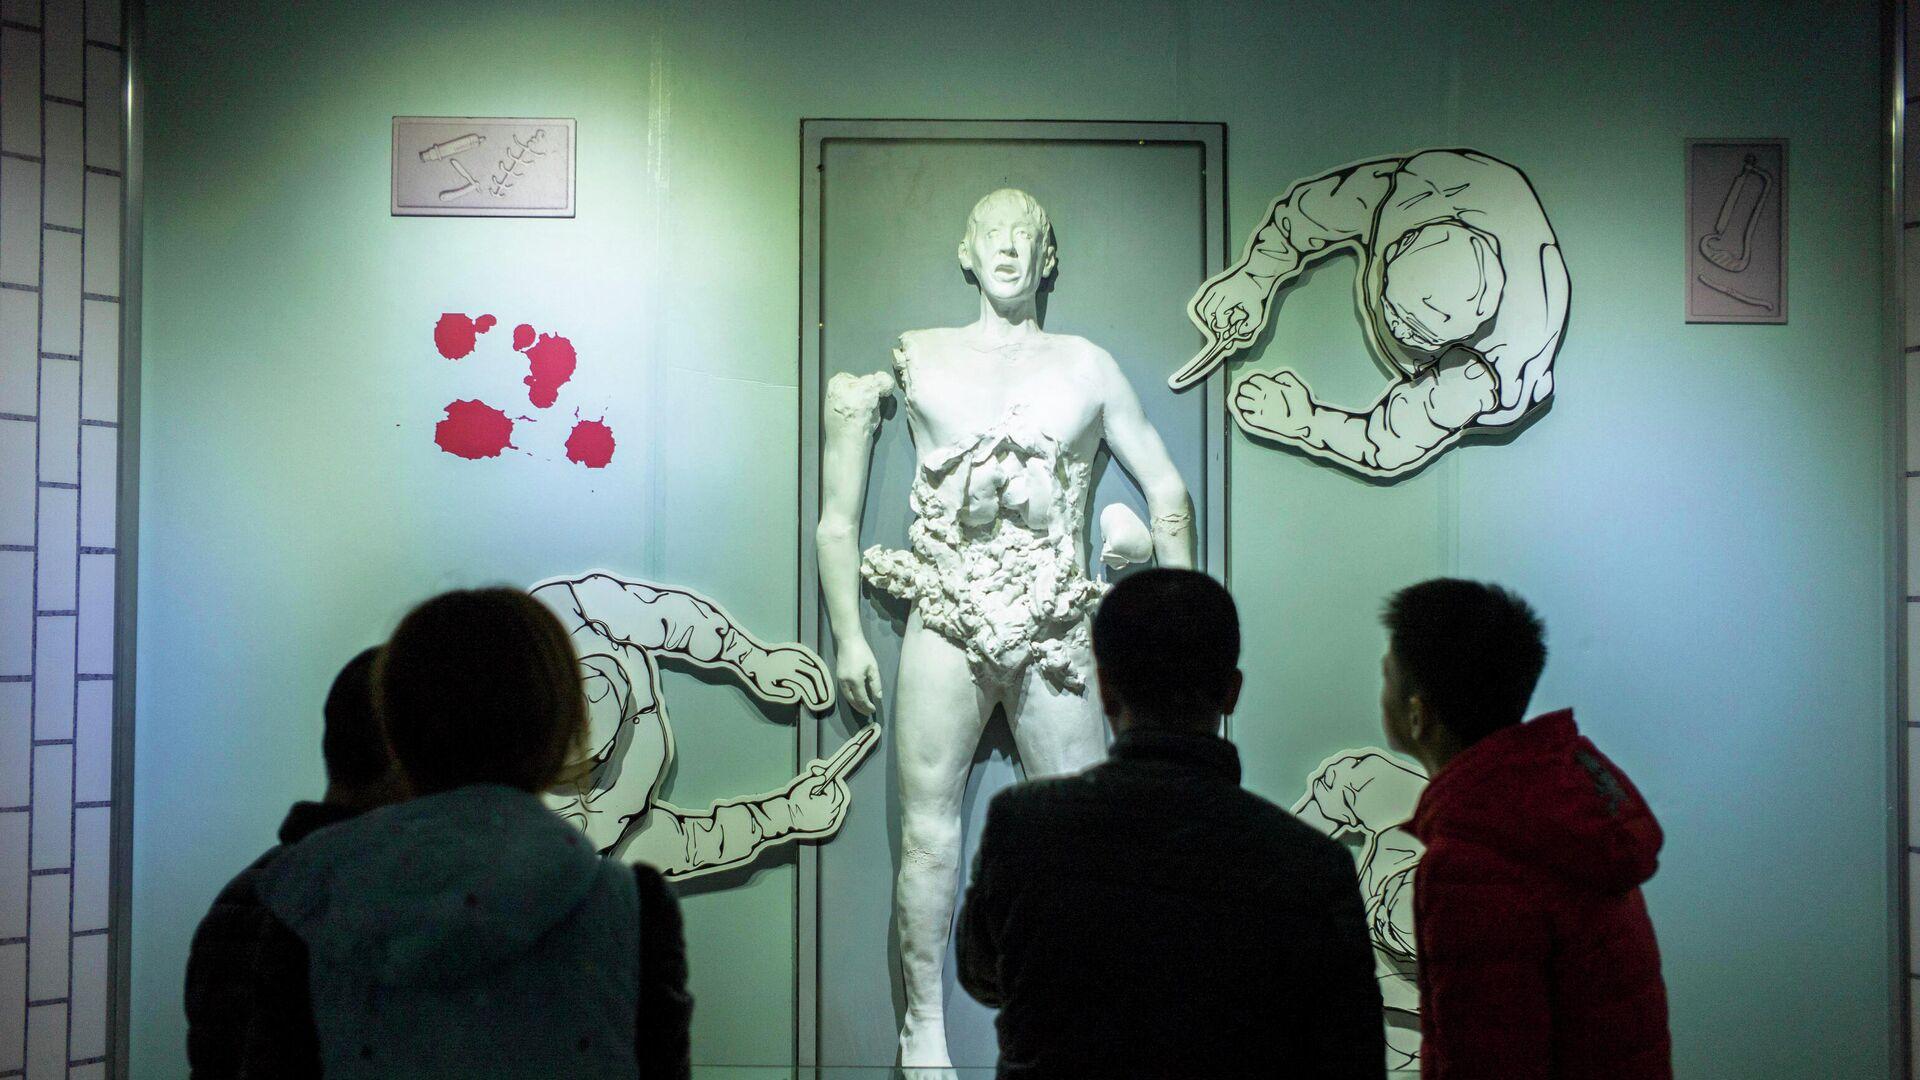 Das japanische Museum der Beweise für Kriegsverbrechen durch die geheime japanische Einheit 731 - SNA, 1920, 07.09.2021